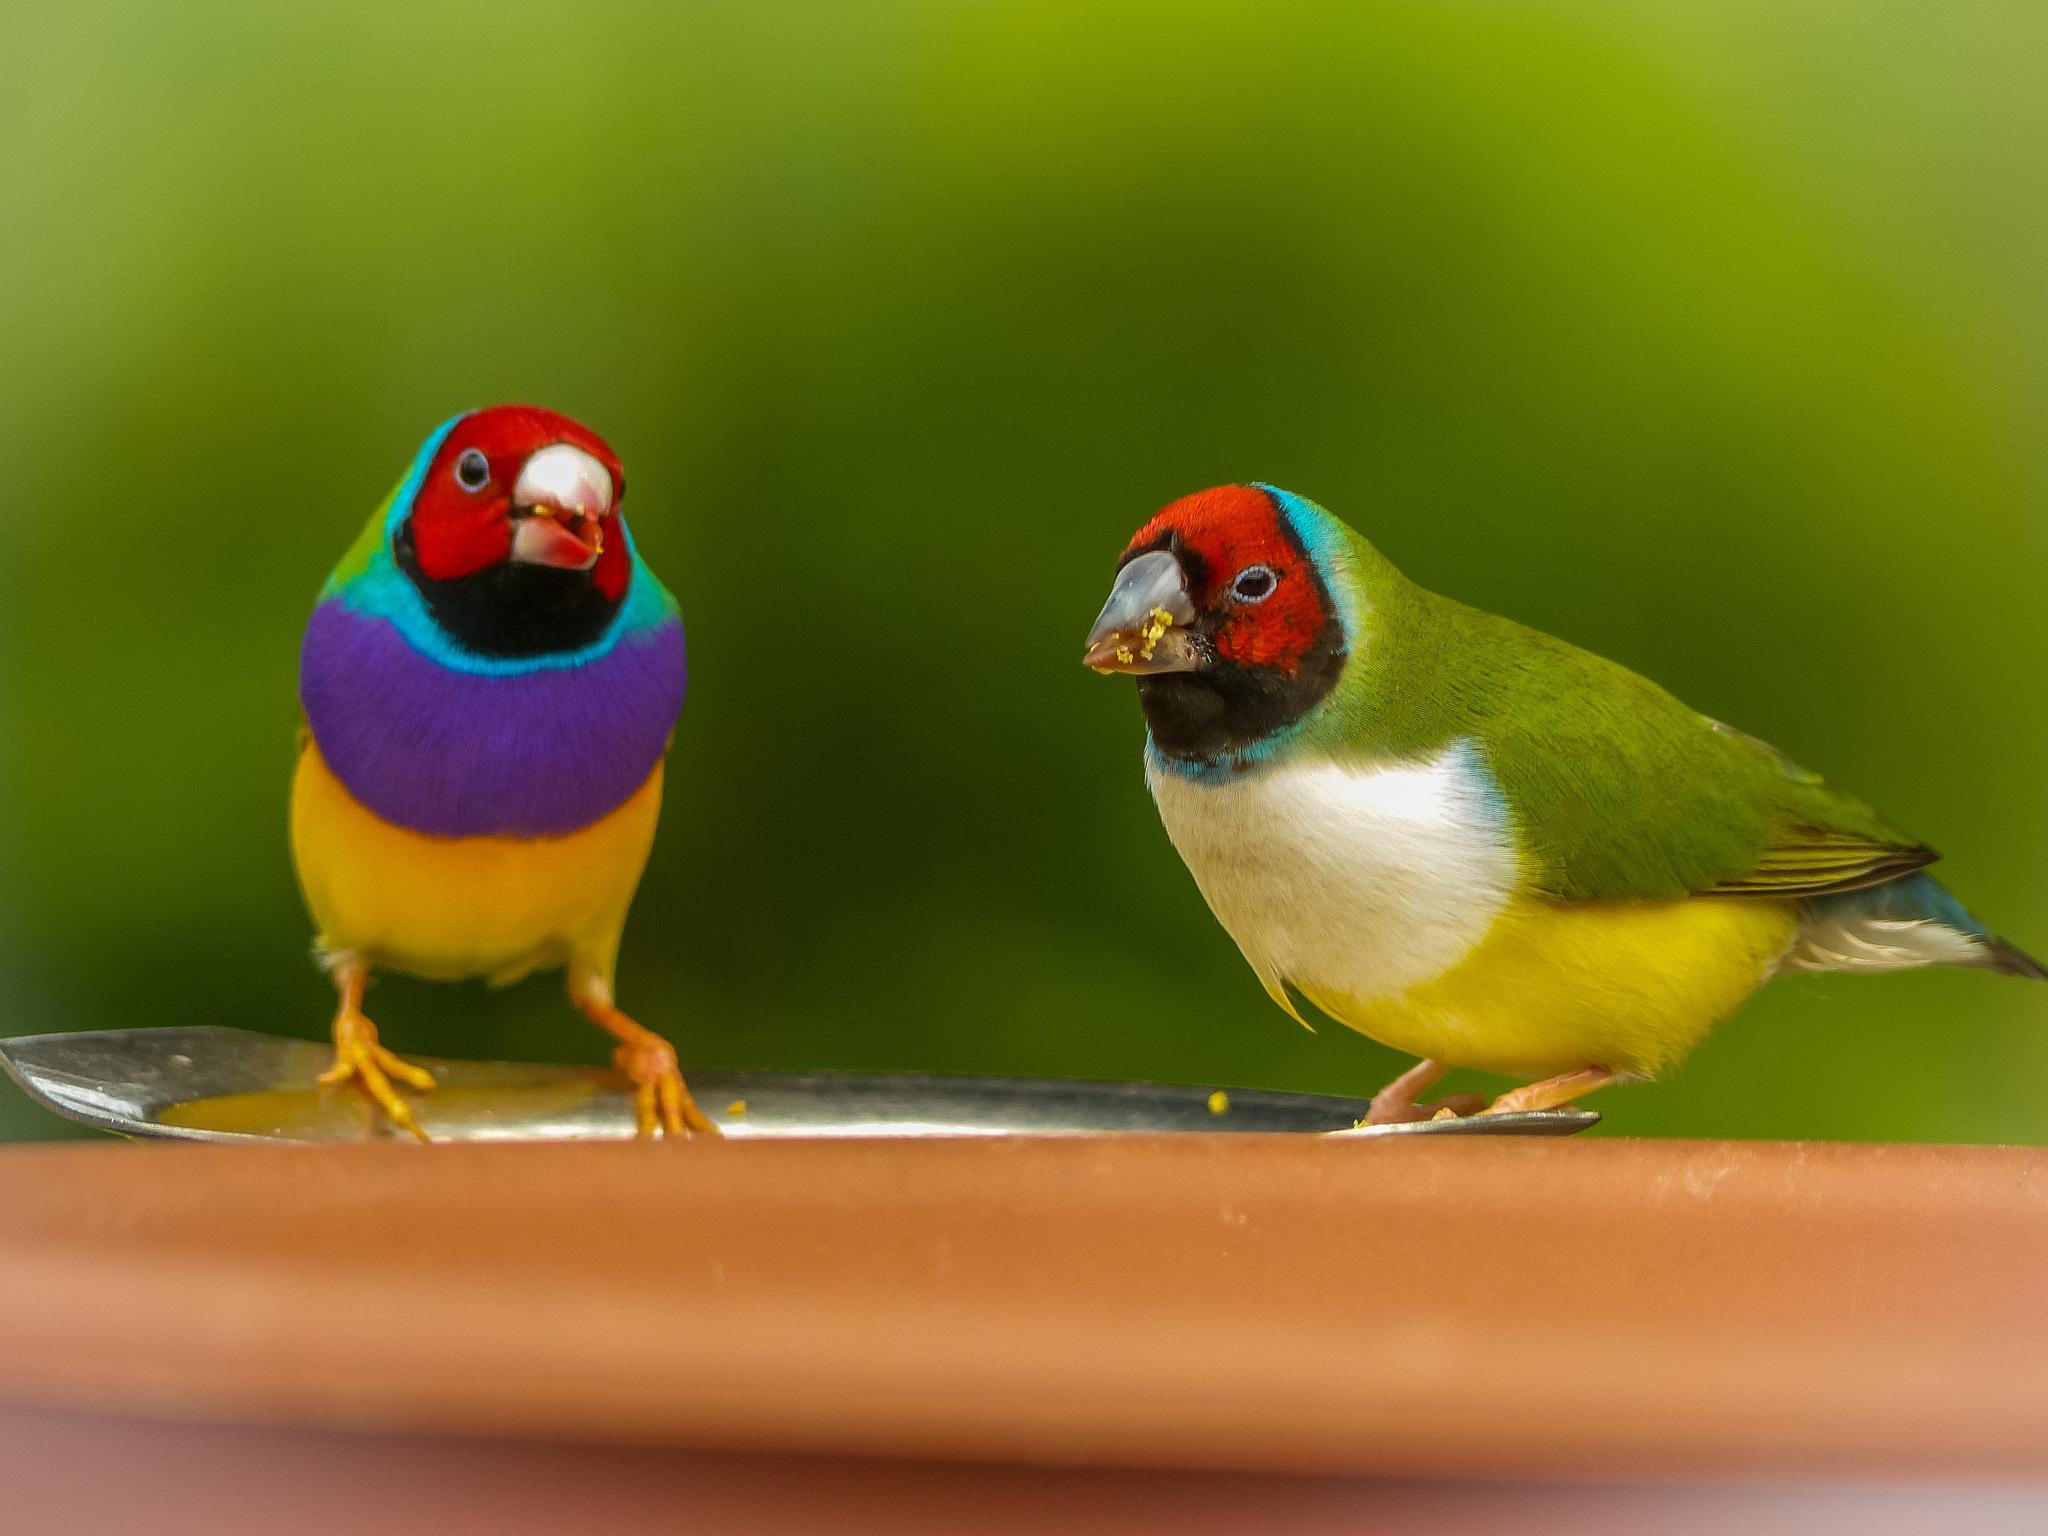 birds by Paul Geutjes